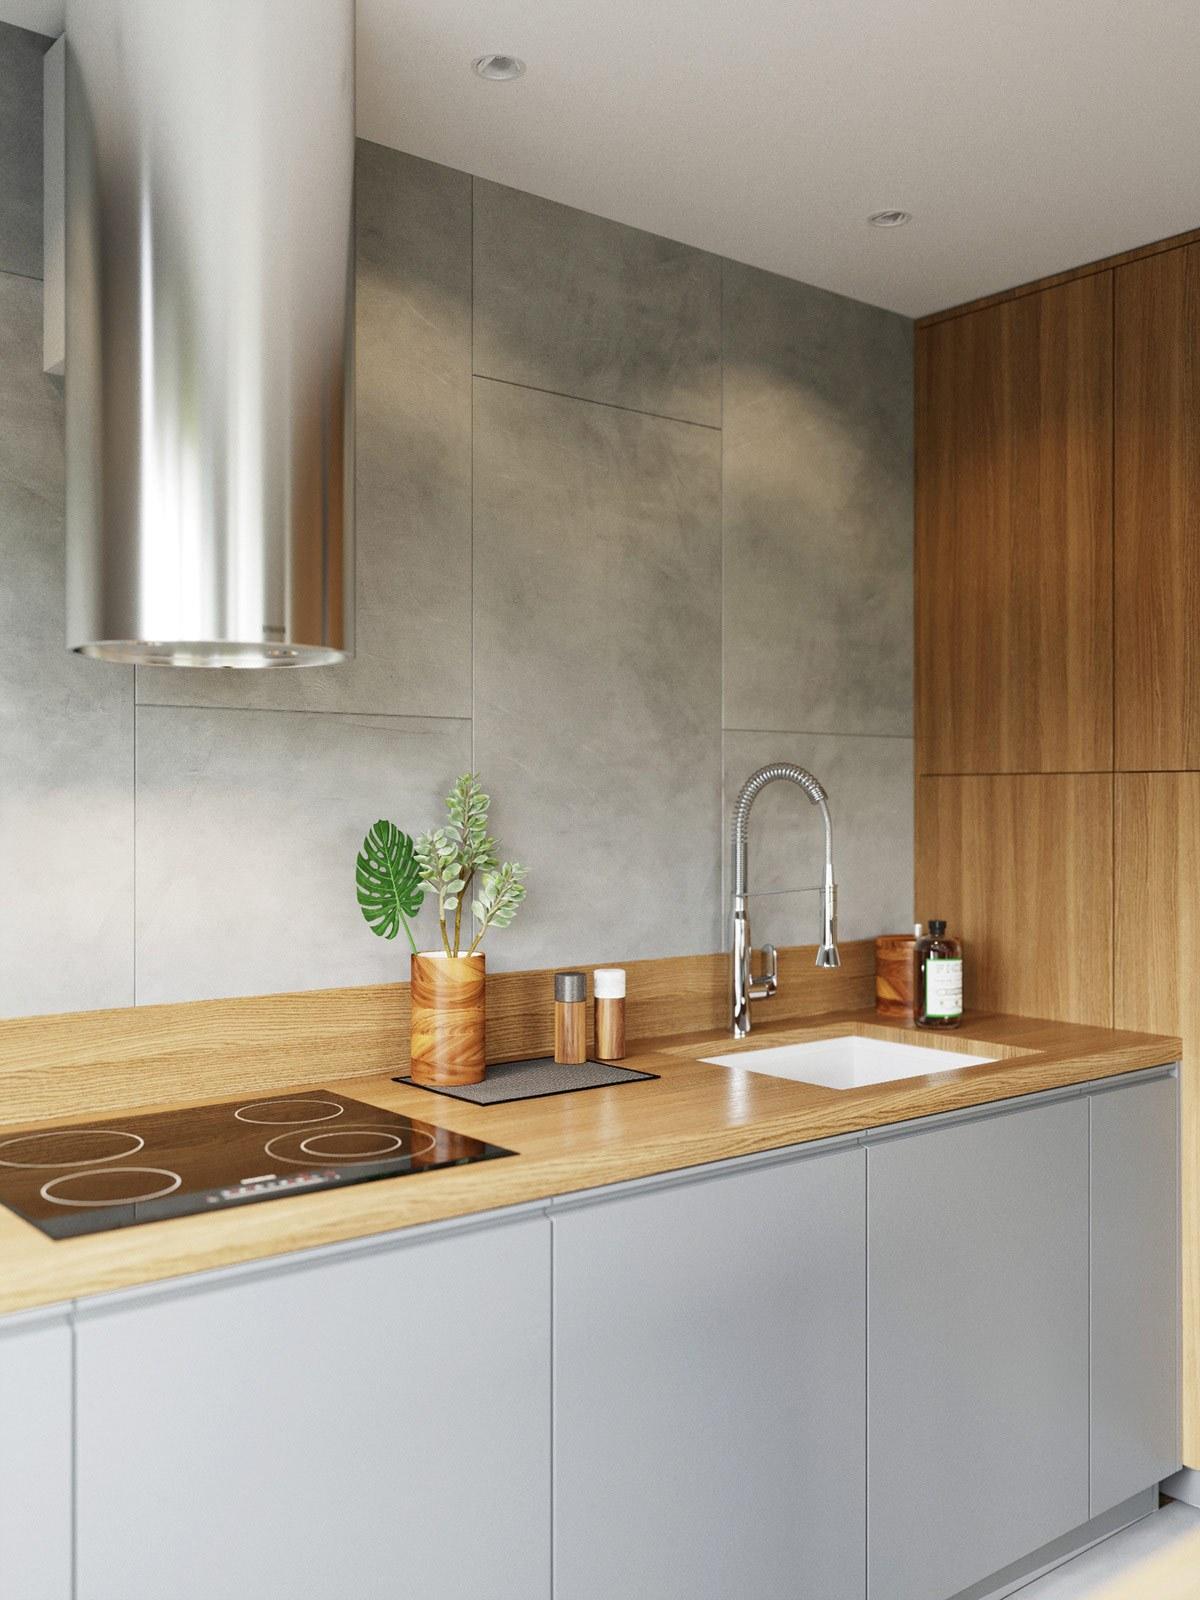 thiết kế nội thất tủ bếp căn hộ 69m2